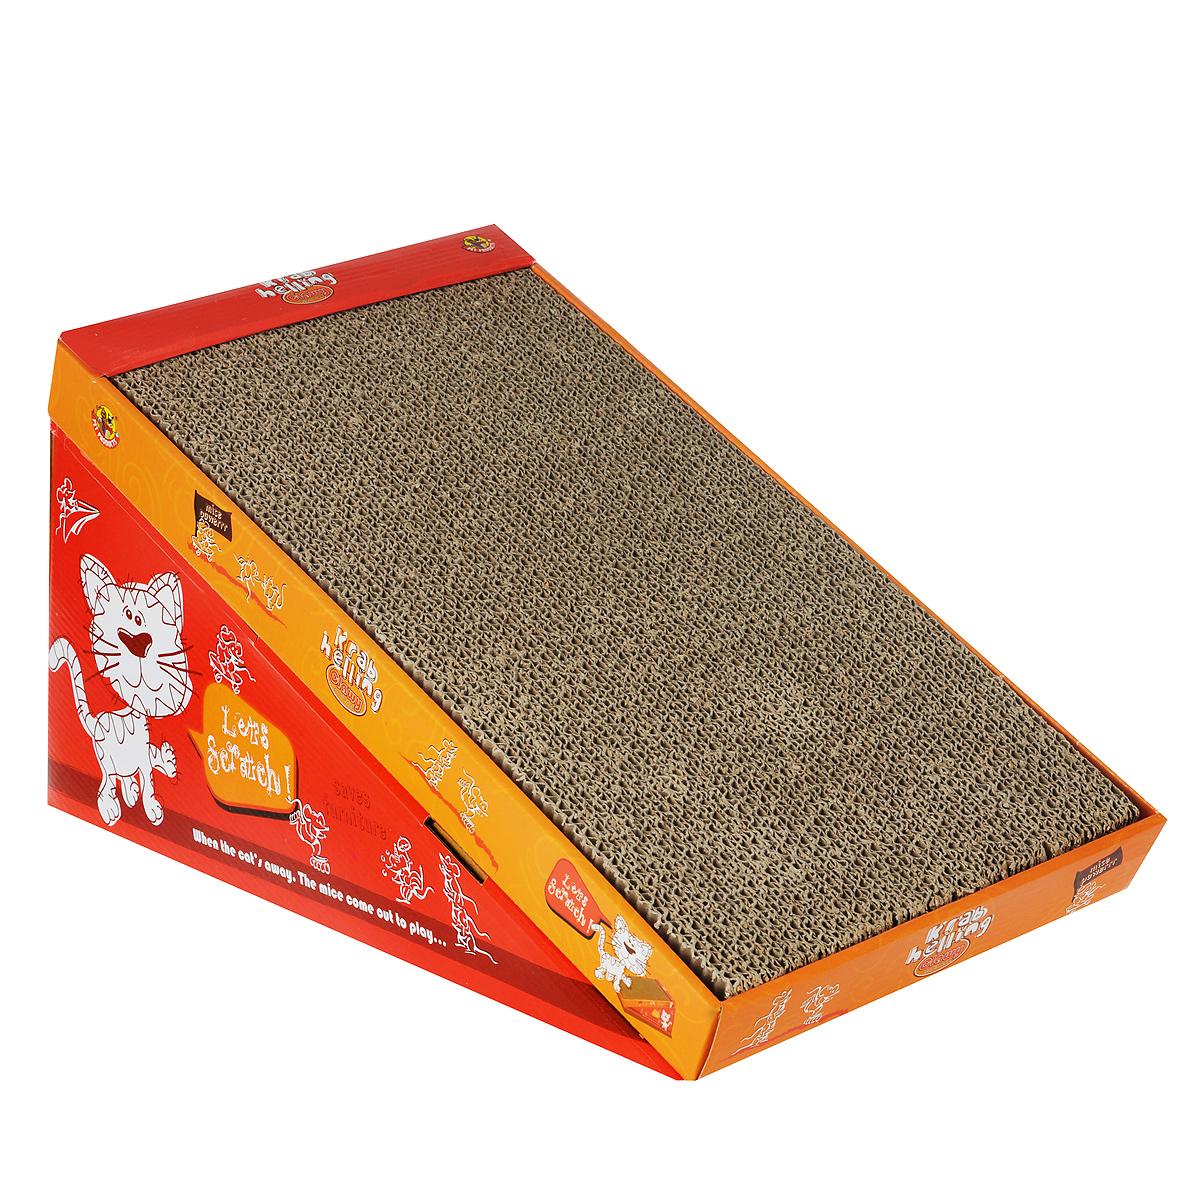 Когтеточка-горка I.P.T.S. с кошачьей мятой, 46 см х 23 см х 4 см0120710Когтеточка I.P.T.S. выполнена из плотного картона в виде горки и предназначена для кошек. Яркая когтеточка, пропитанная кошачьей мятой, позволит приучить кошку точить коготки в строго определенном месте.